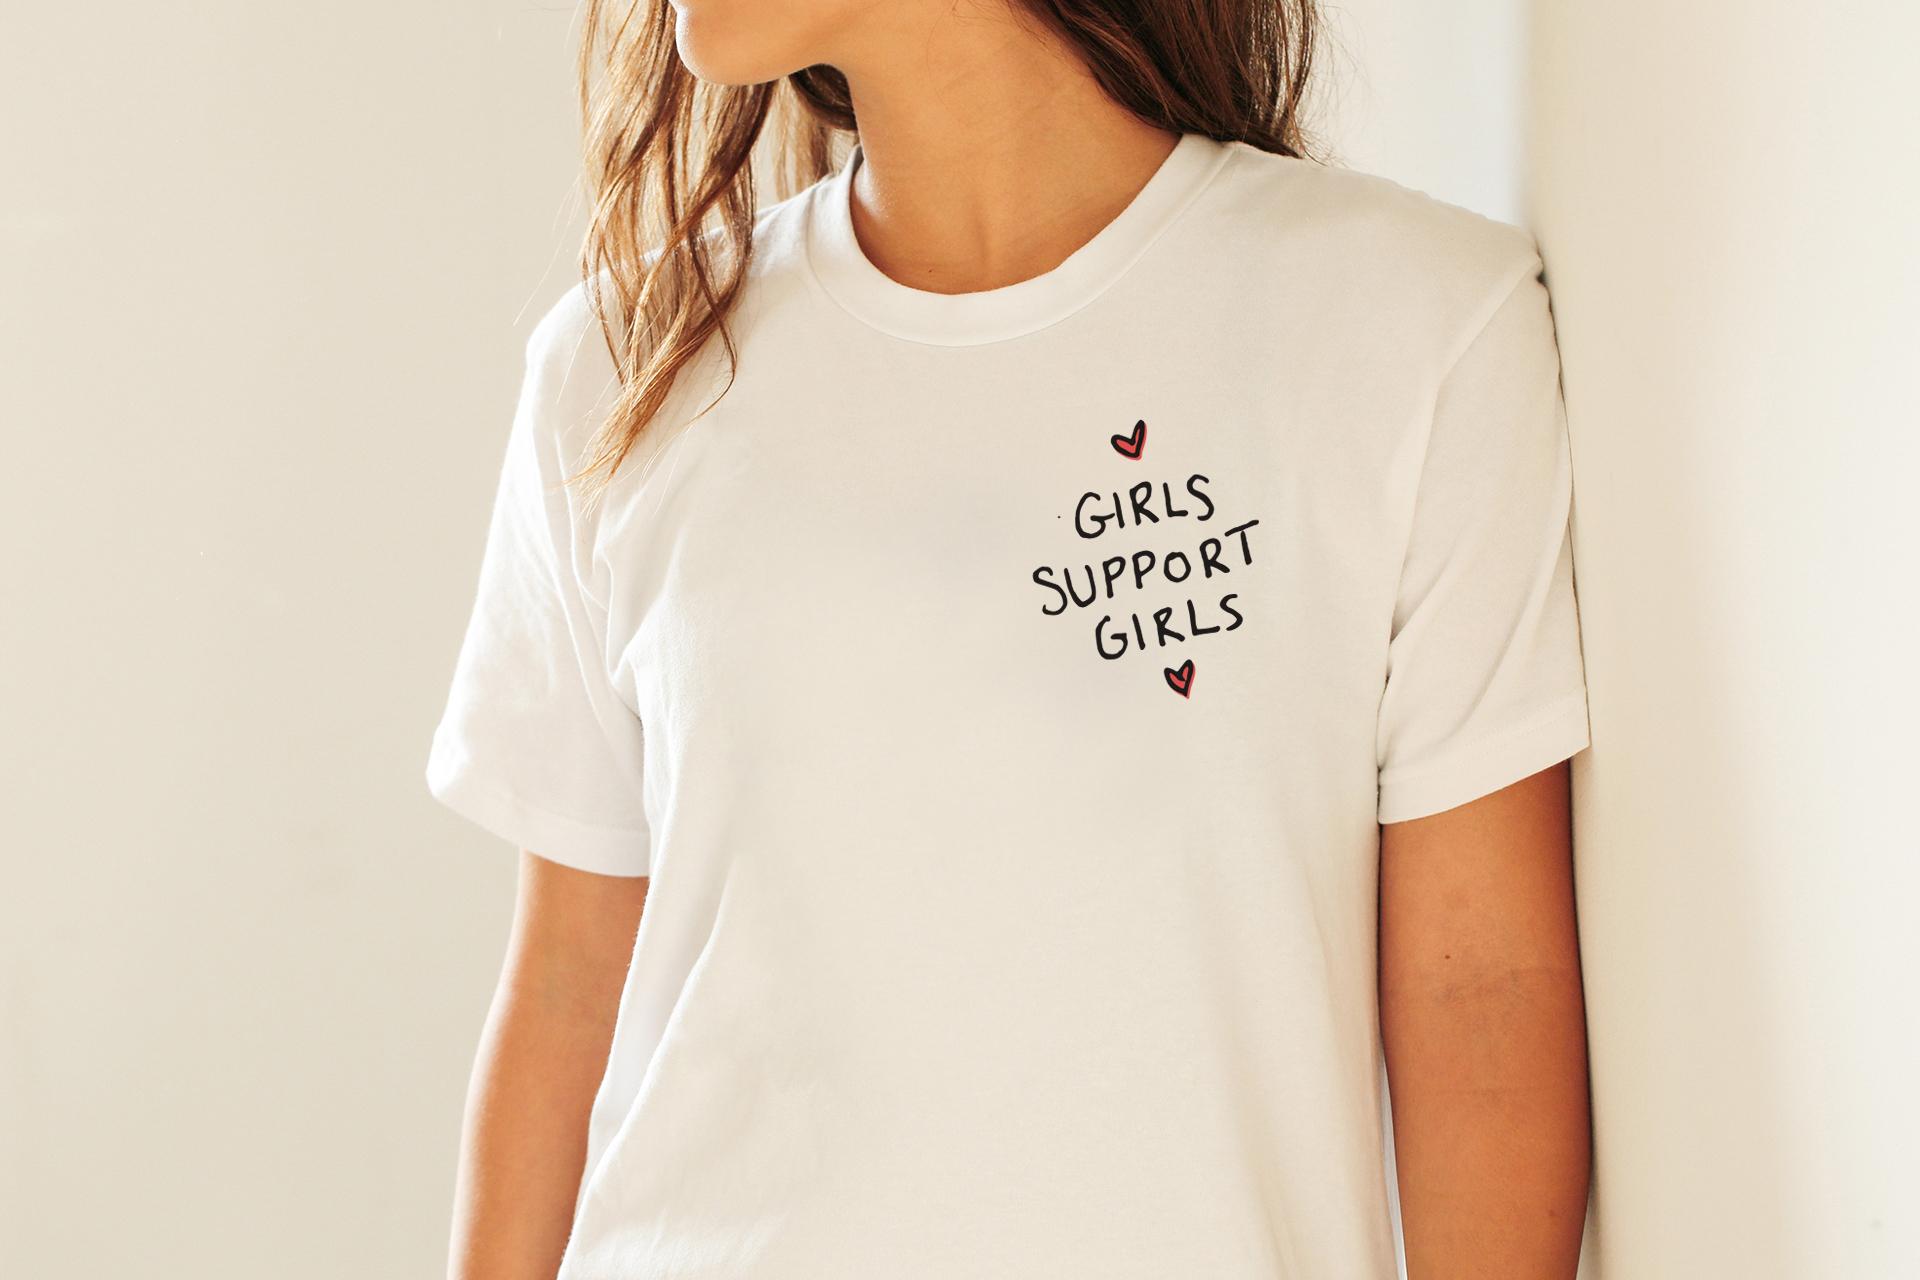 Female_T-Shirt_Mock-up.jpg